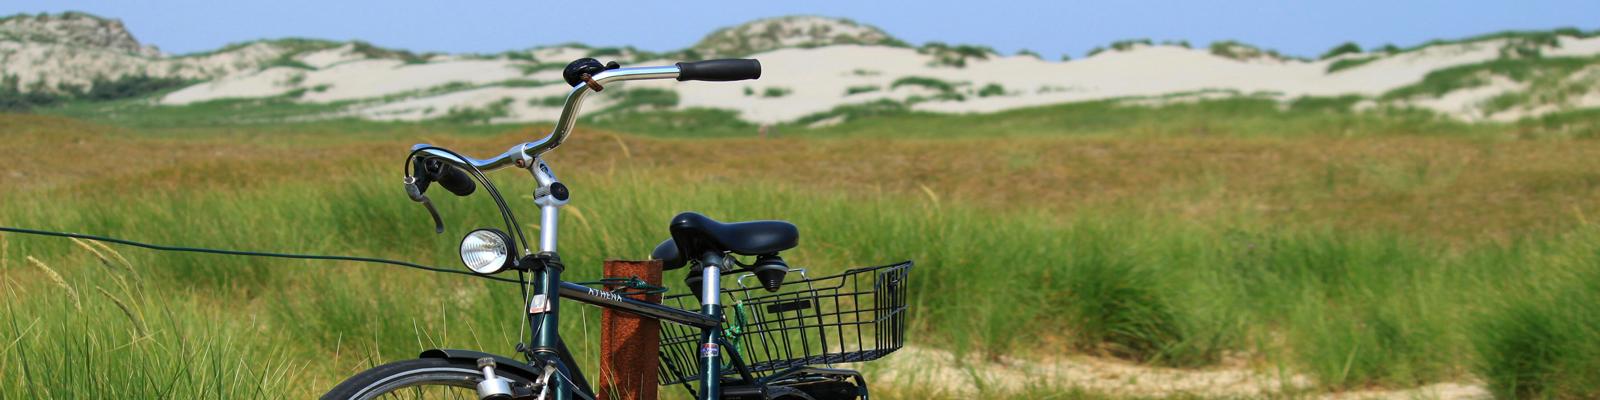 Heerlijk uitwaaien tijdens een fietstocht door de duinen.